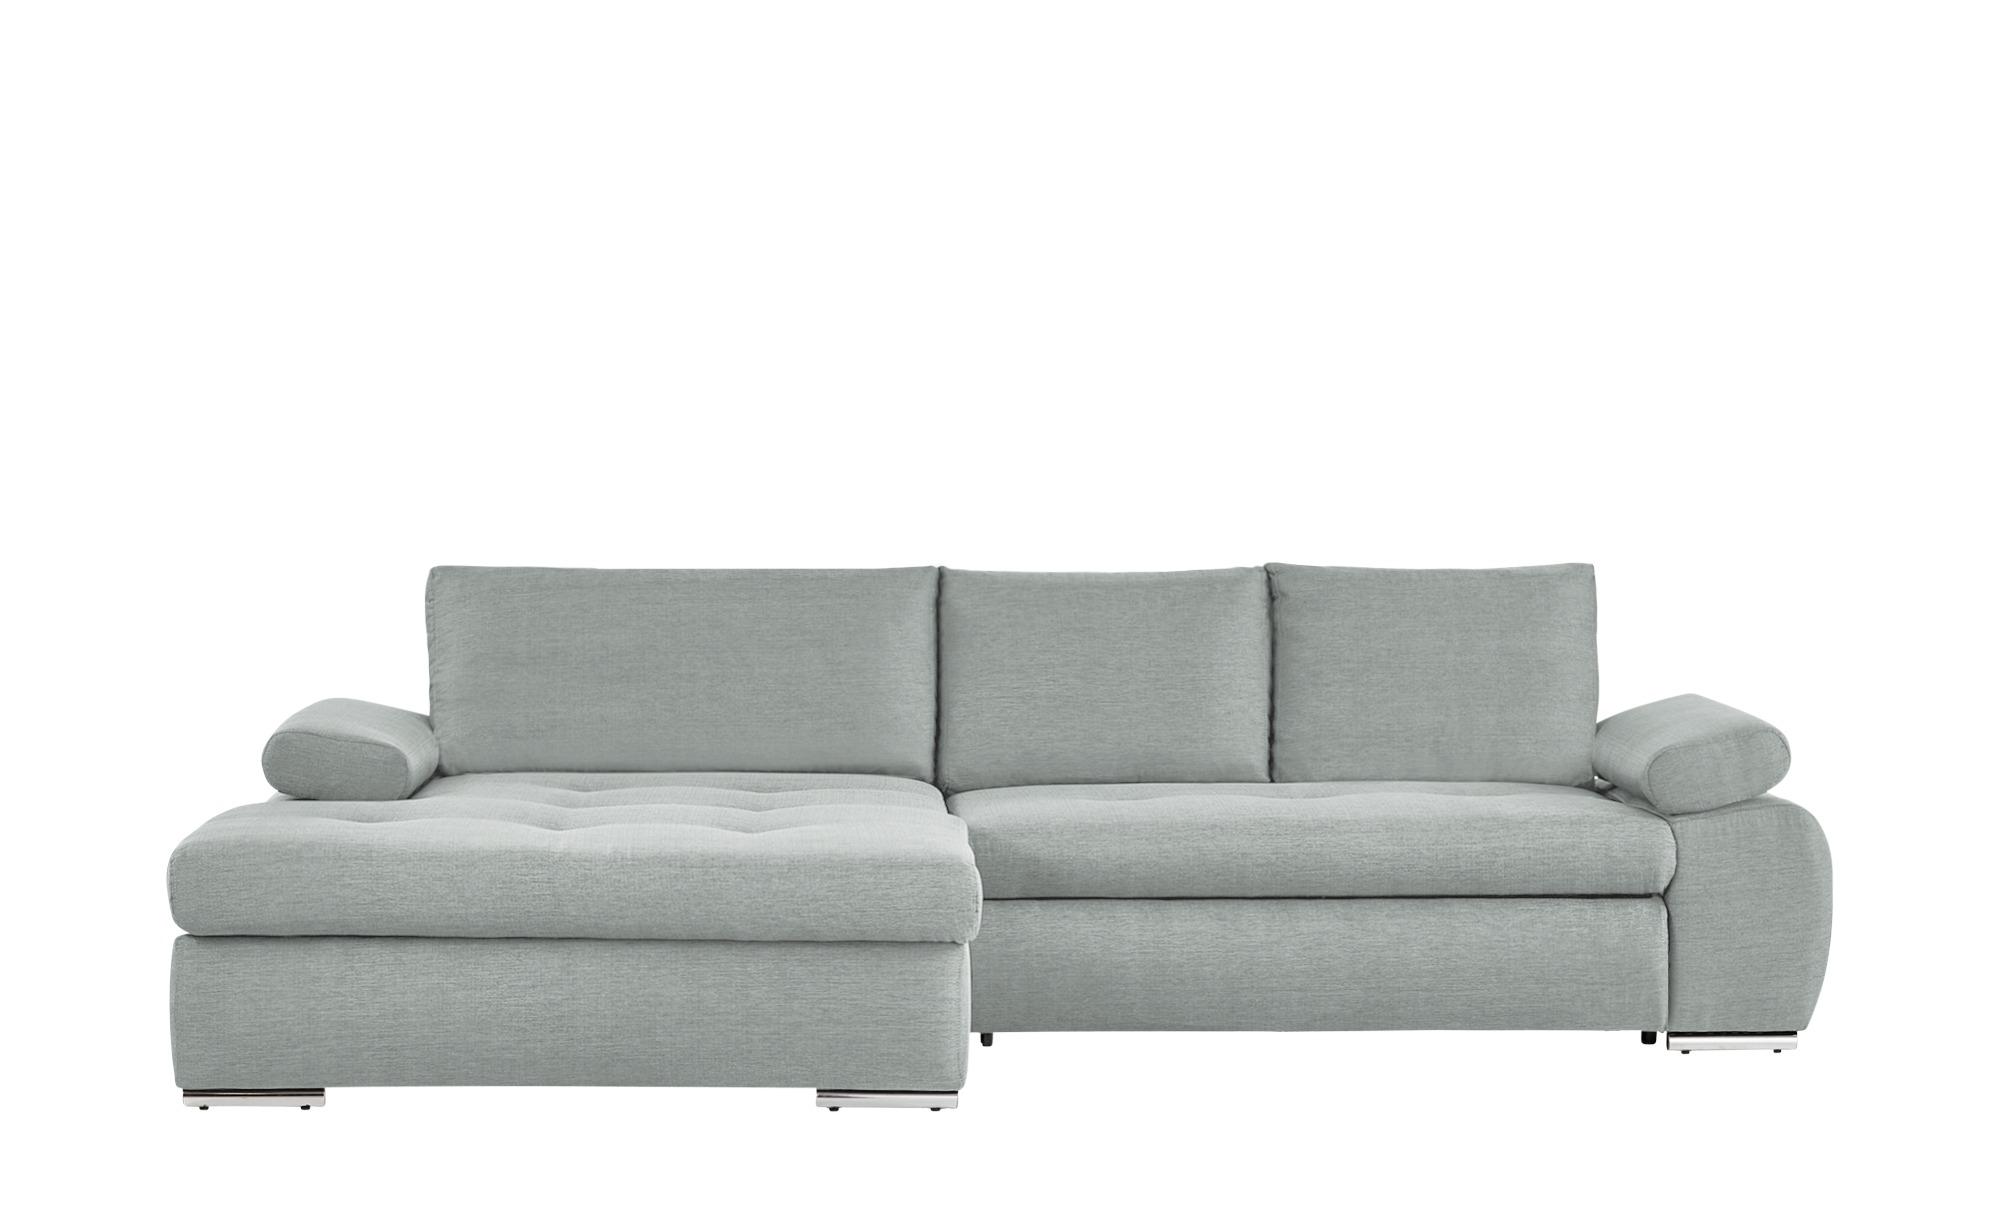 Smart ecksofa ibby breite h he 73 cm grau online kaufen for Ecksofa ibby